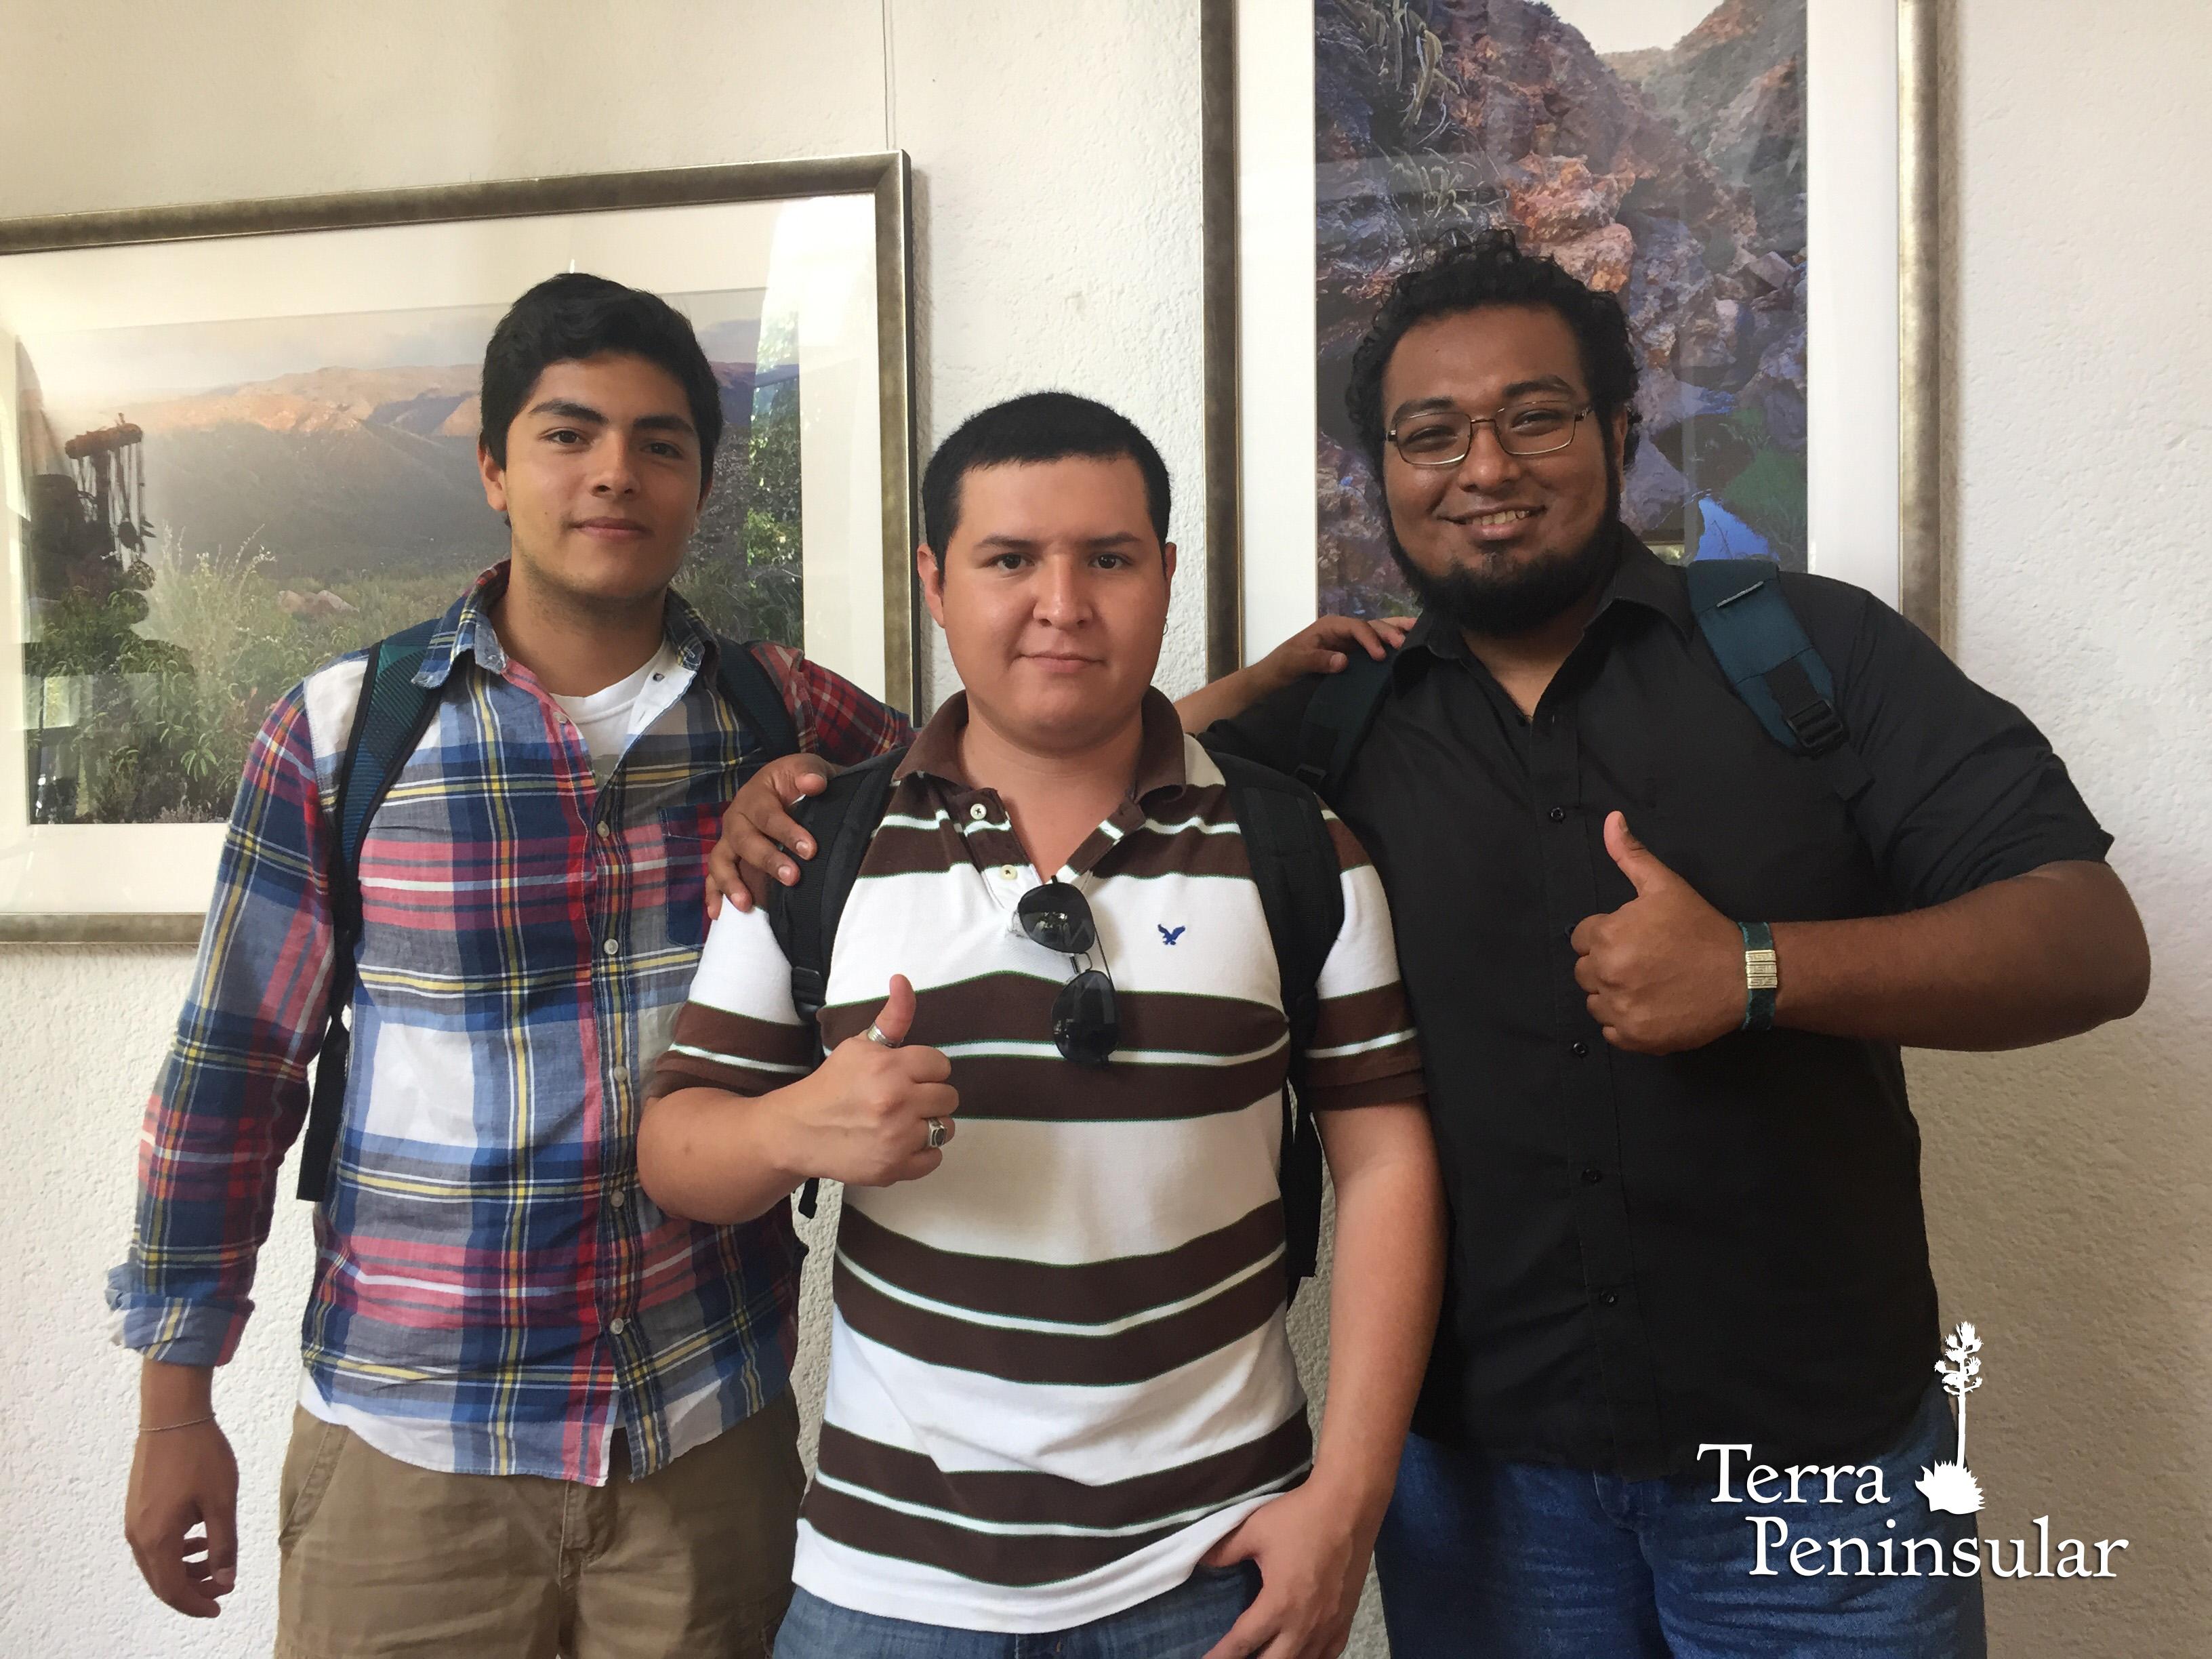 Carlos, Alfonso y Aldo realizarán su servicio social en Terra Peninsular.